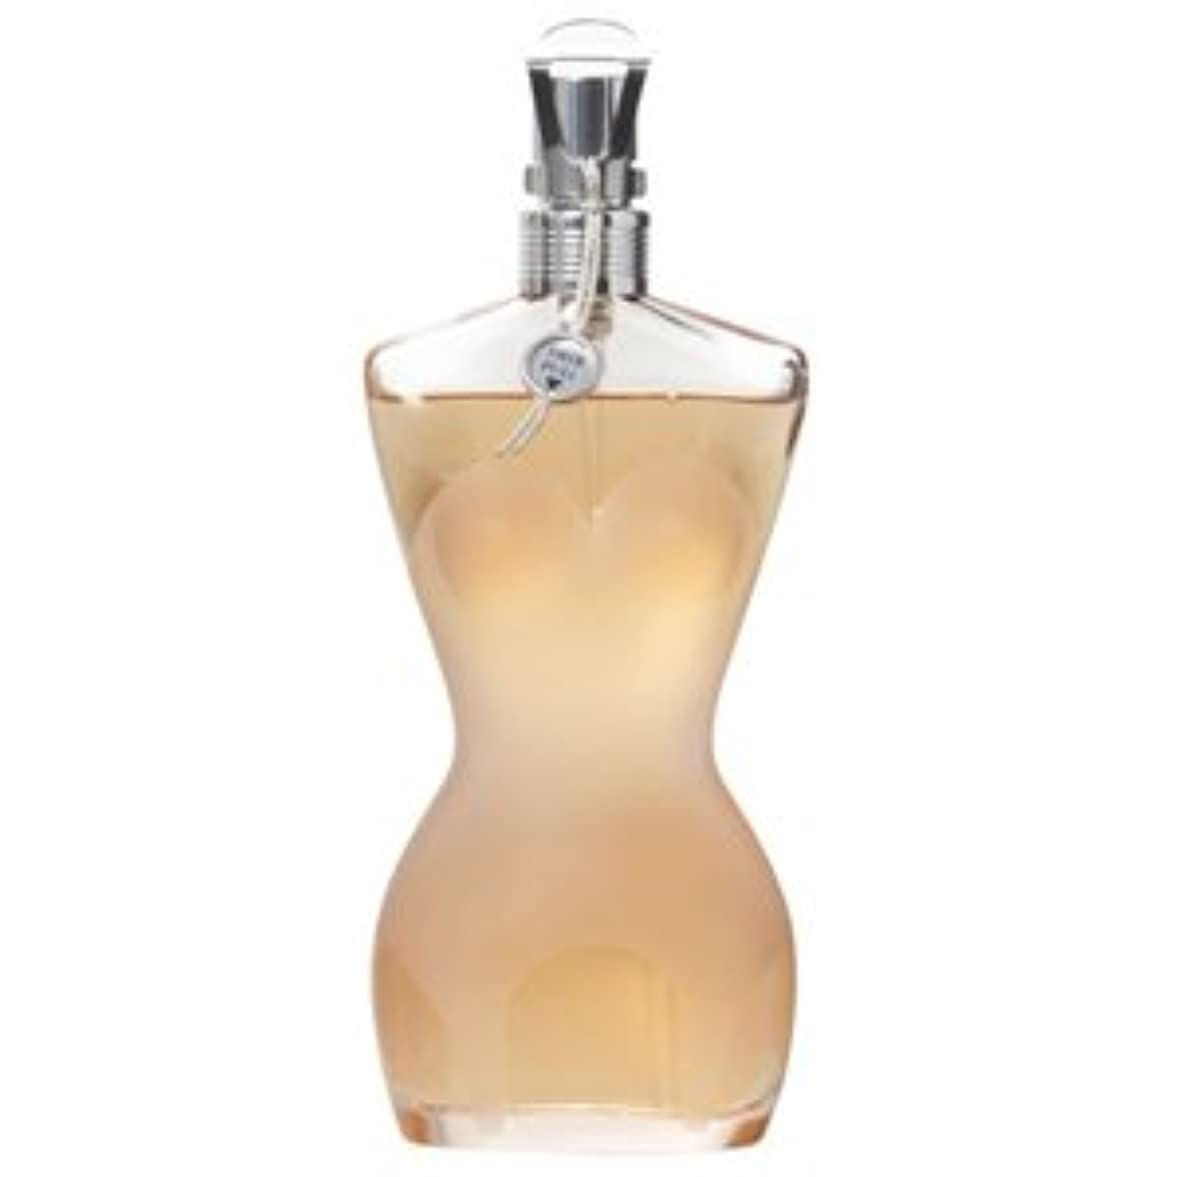 退屈したがってシンポジウム【ジャンポールゴルチェ 香水】ジャンポールゴルチェ クラシック 100ml EDT